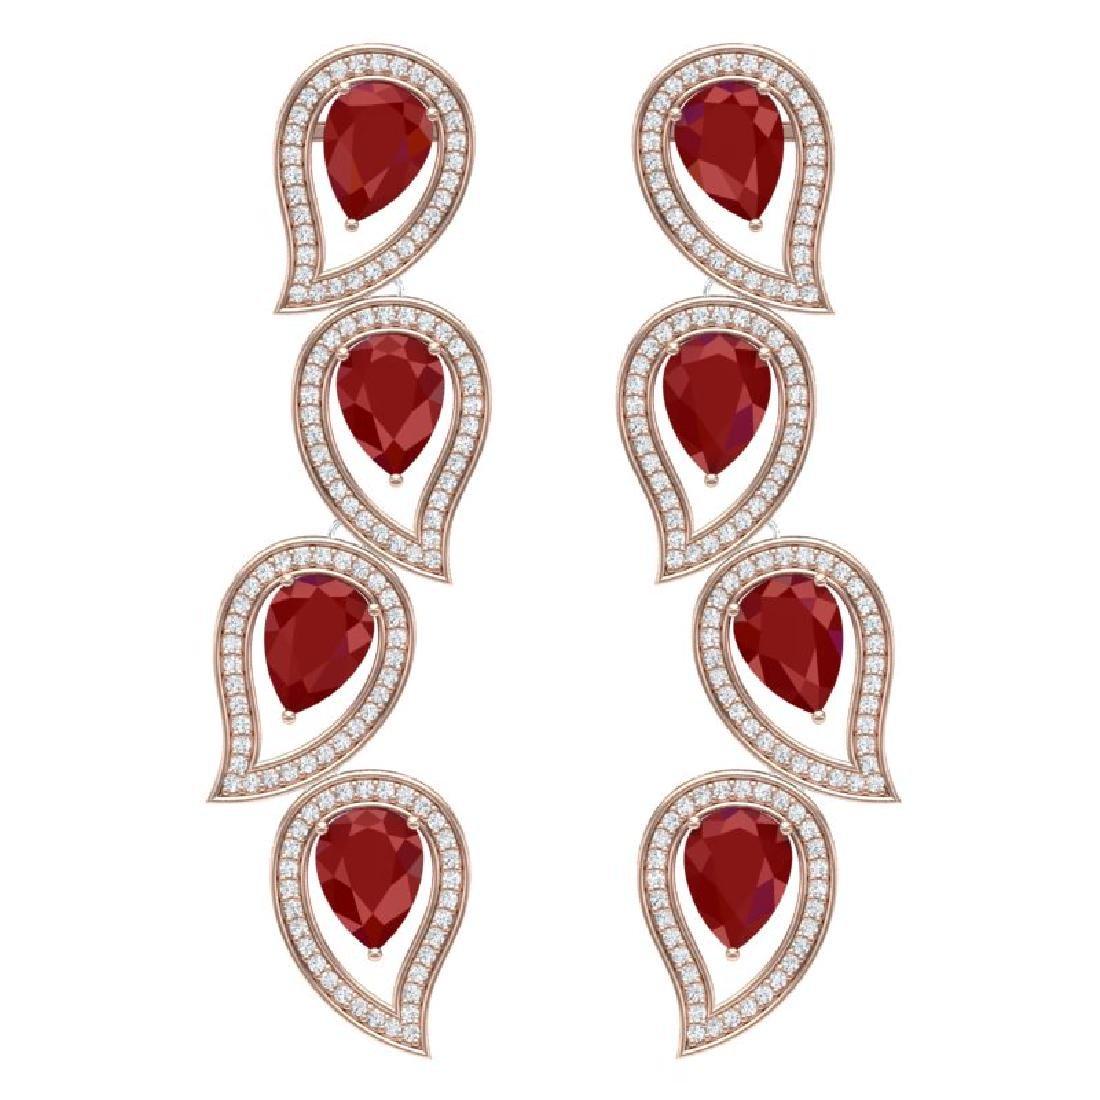 16.44 CTW Royalty Designer Ruby & VS Diamond Earrings